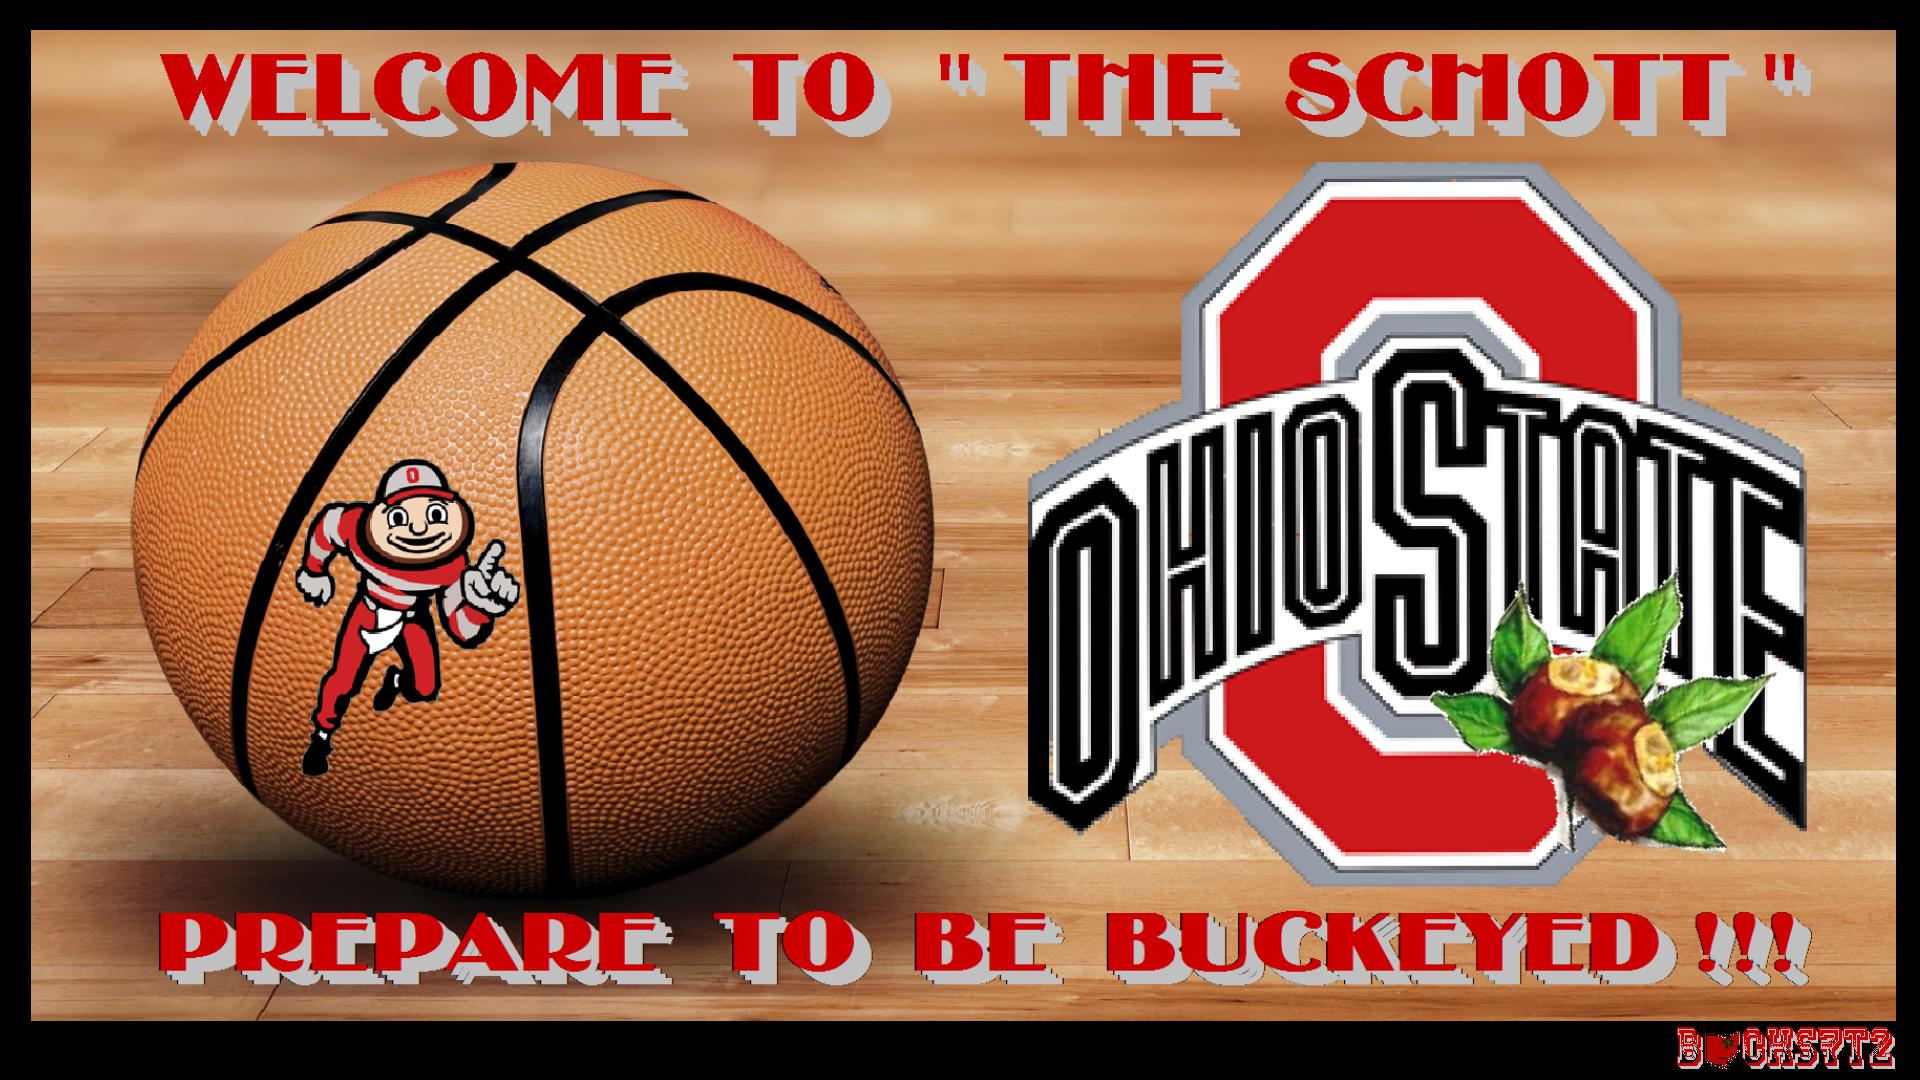 OSU BUCKEYES WELCOME TO THE SCHOTT